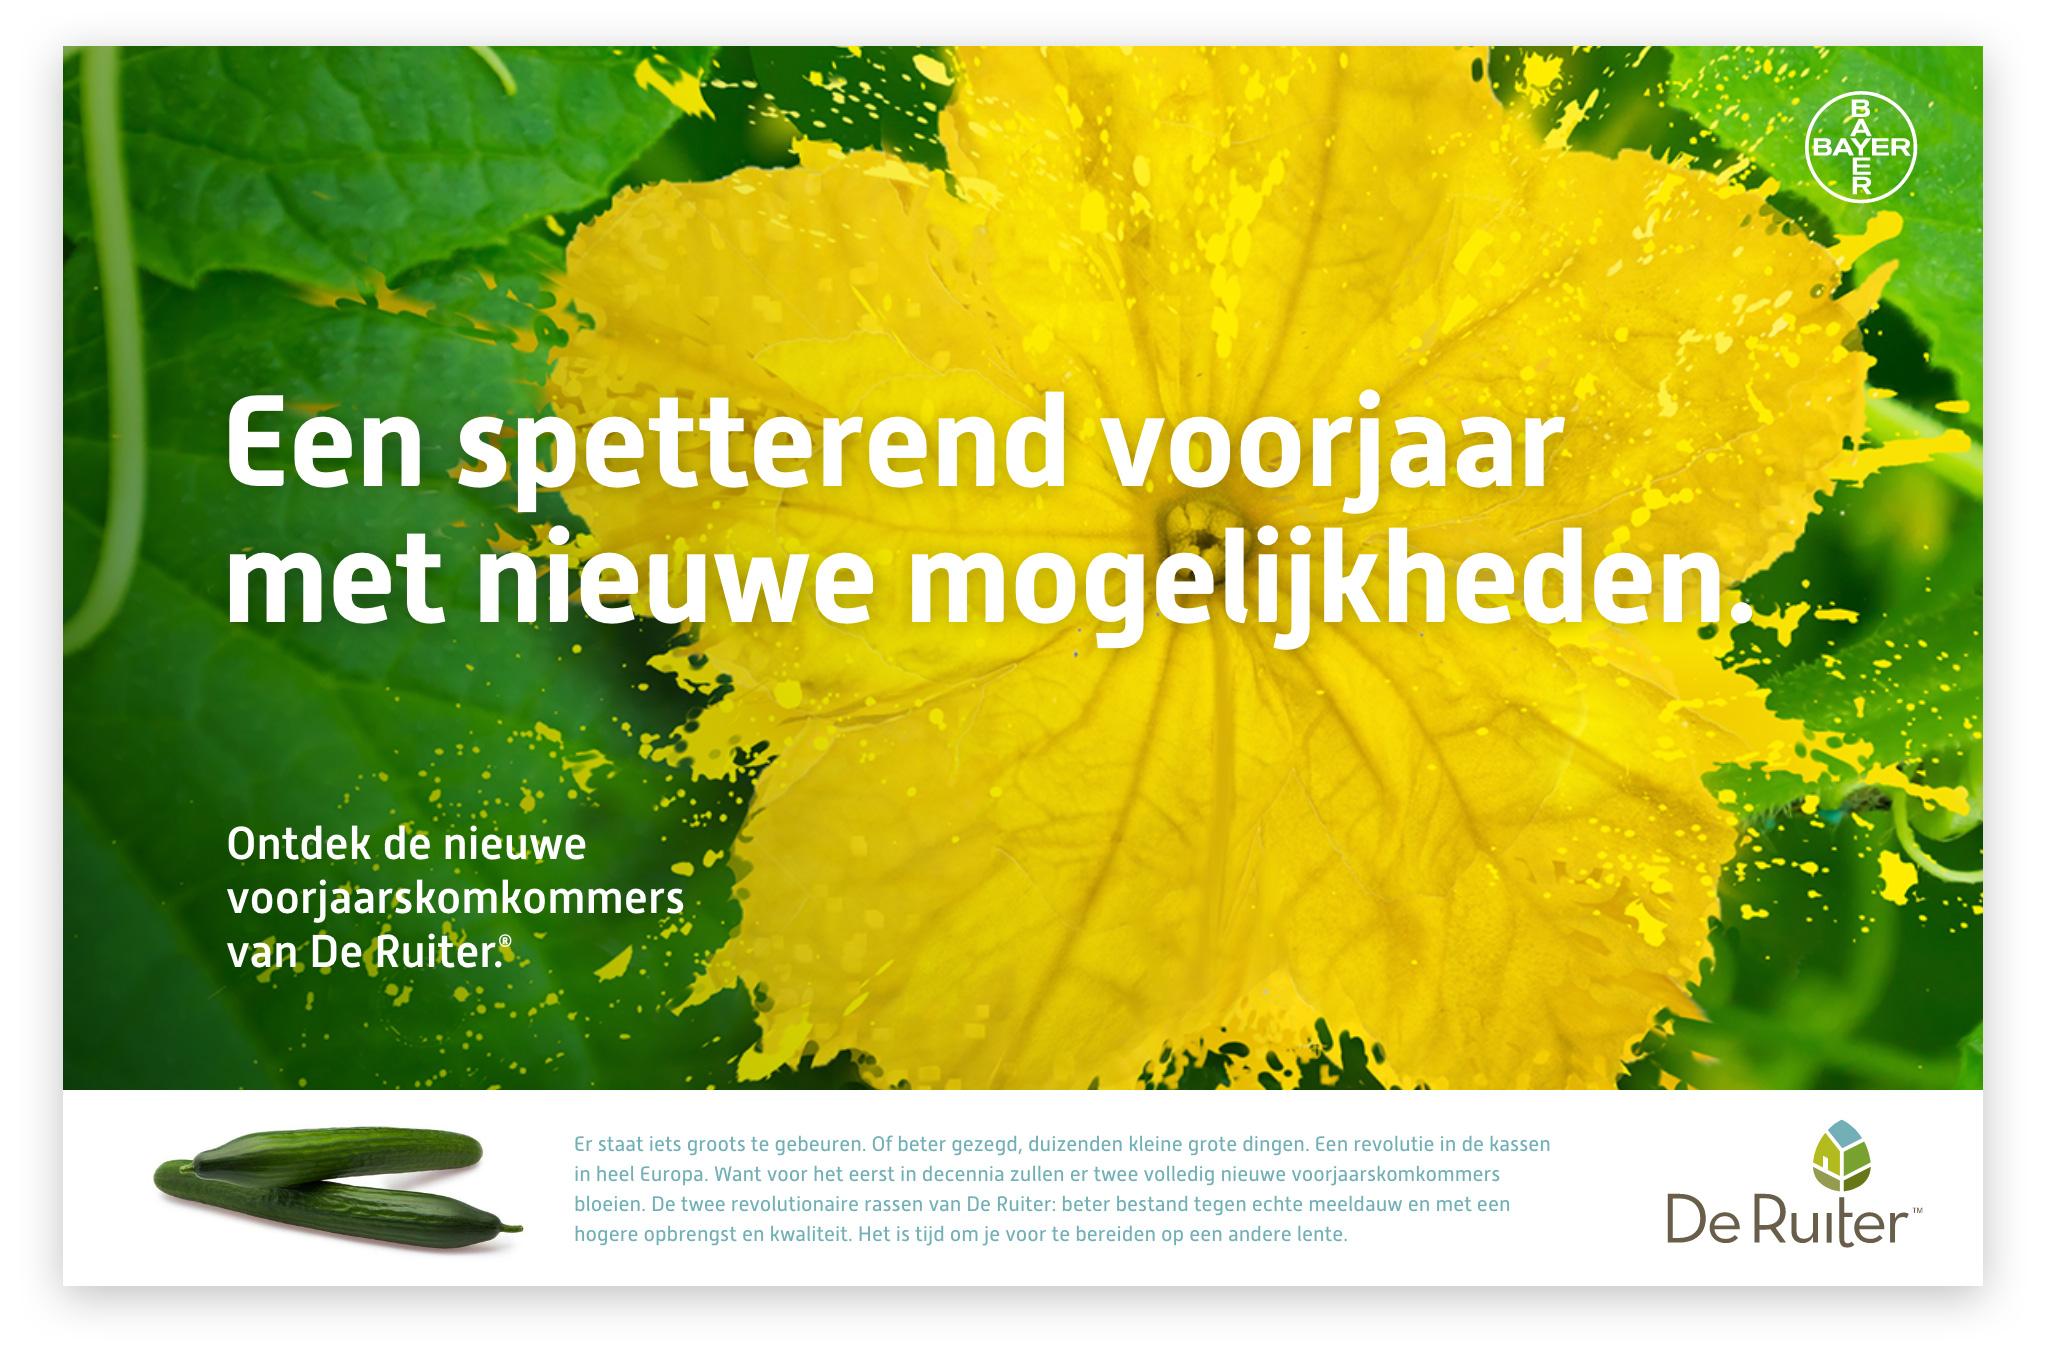 De Ruiter Seeds Komkommer campagne